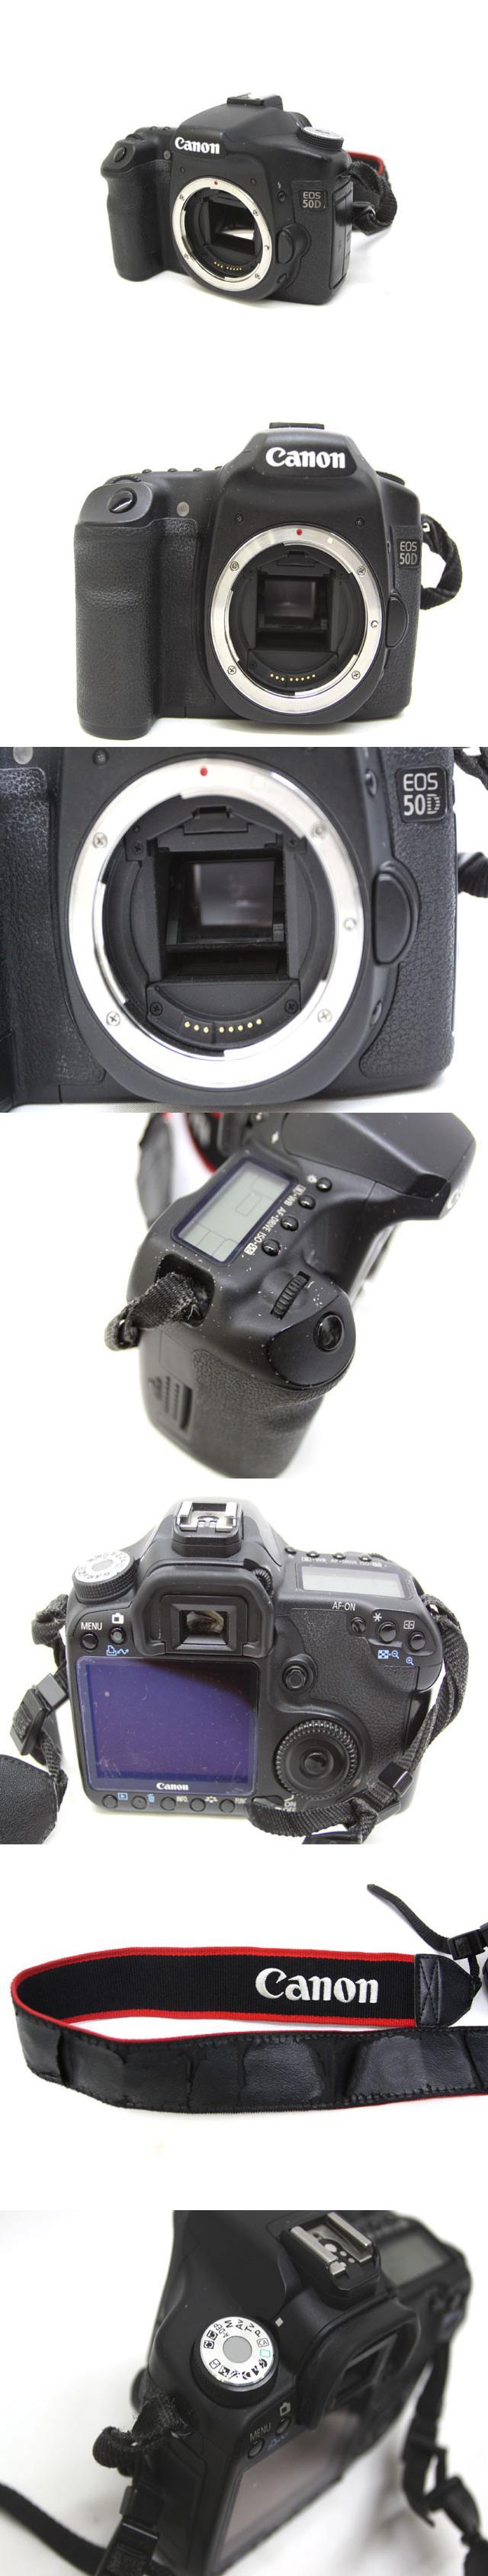 ジャンク品 デジタルカメラ デジカメ キヤノン CANON EOS 50D 本体のみ ボディのみ /Z